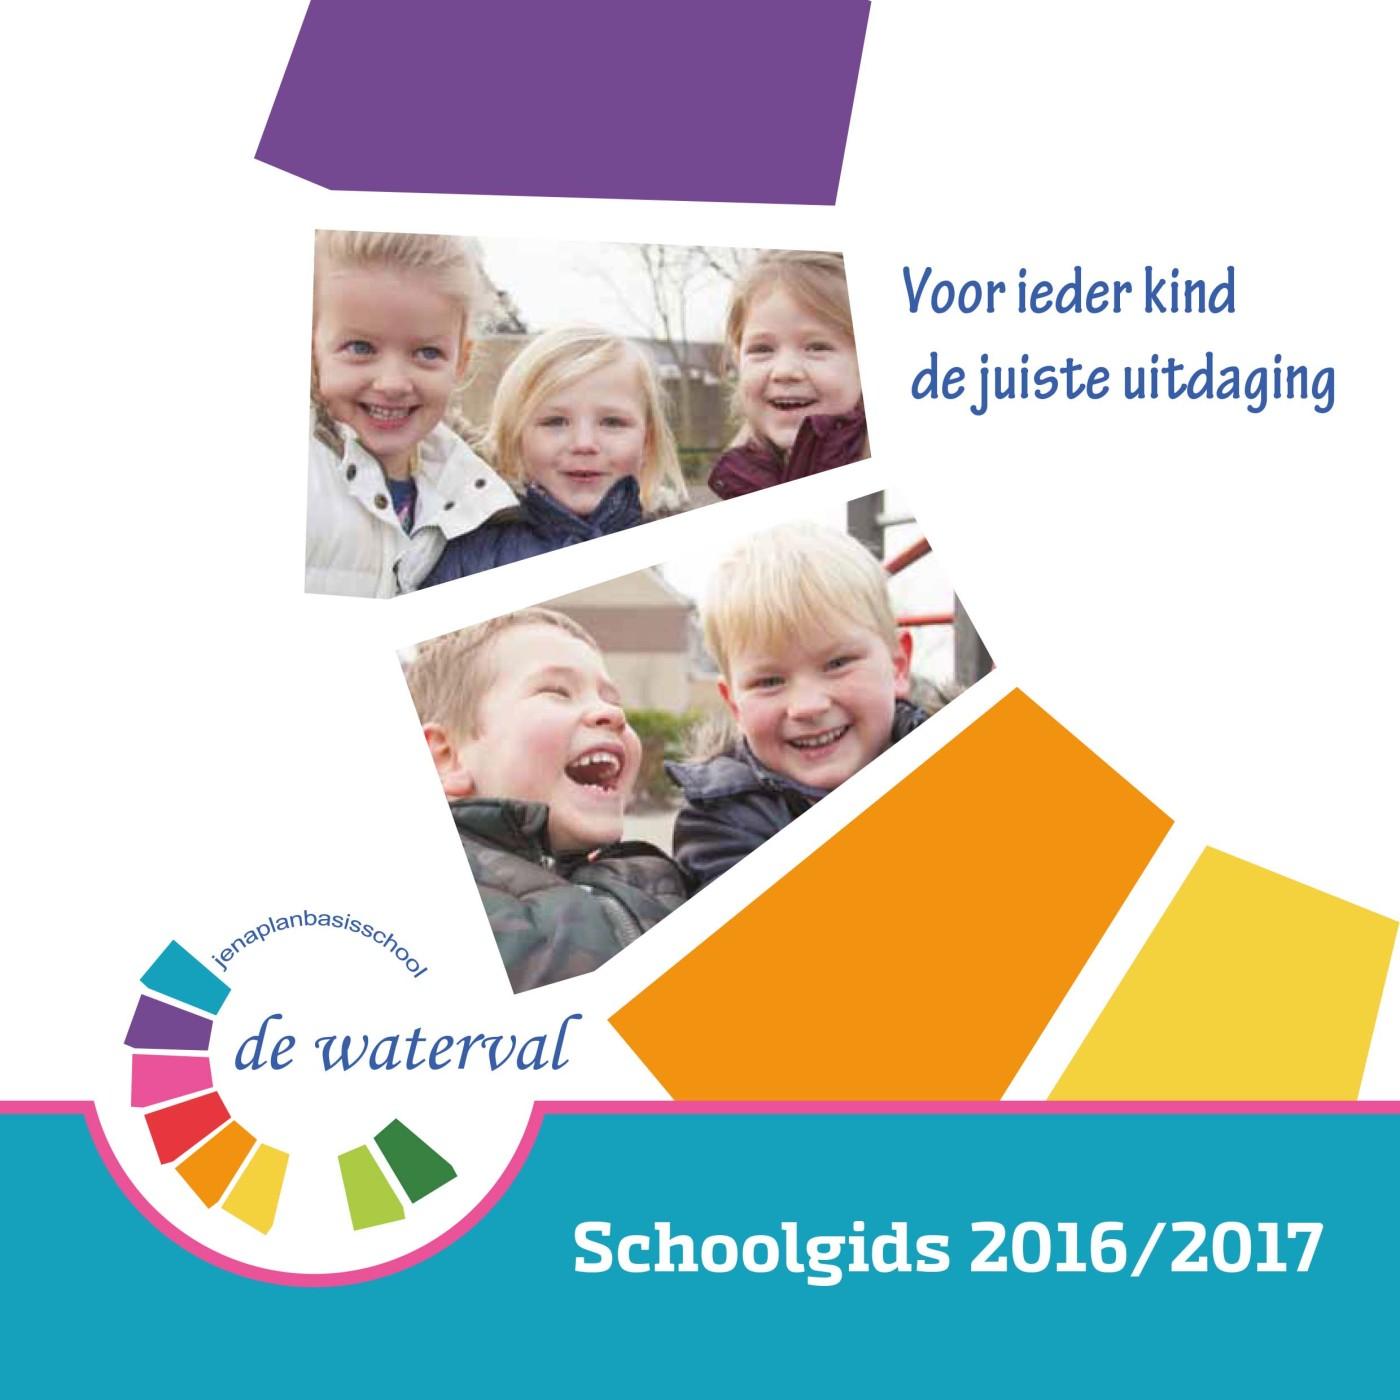 Schoolgids_2016-2017 voorkant